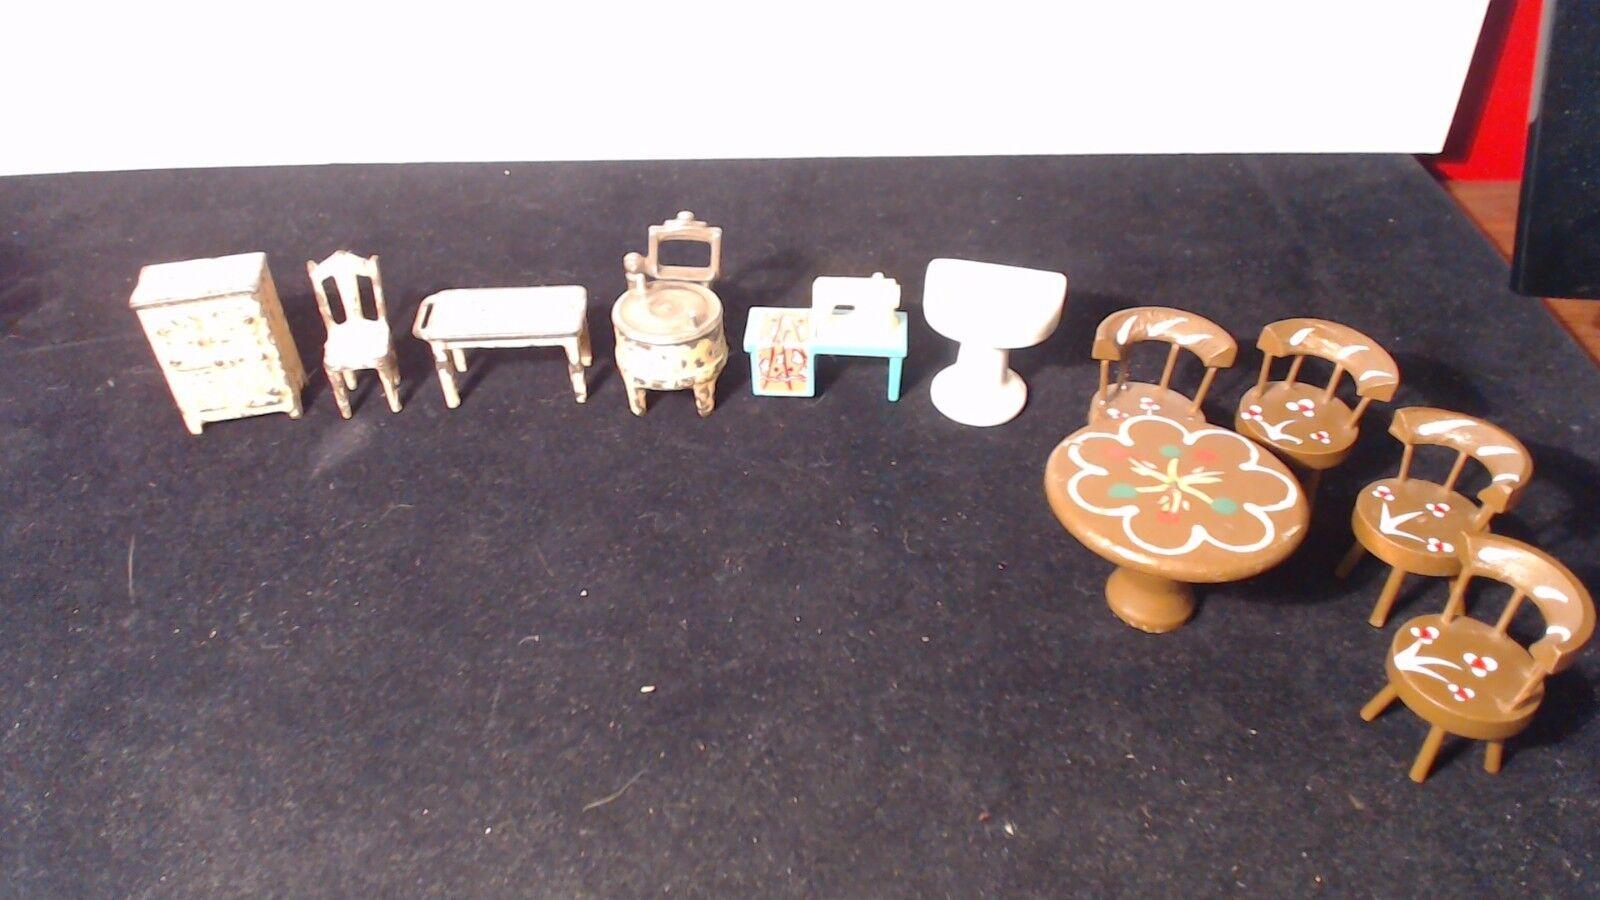 ANTIQUE VINTAGE DOLLHOUSE KILGORE & OTHER wooden plastic and porcelain 11 PIECES